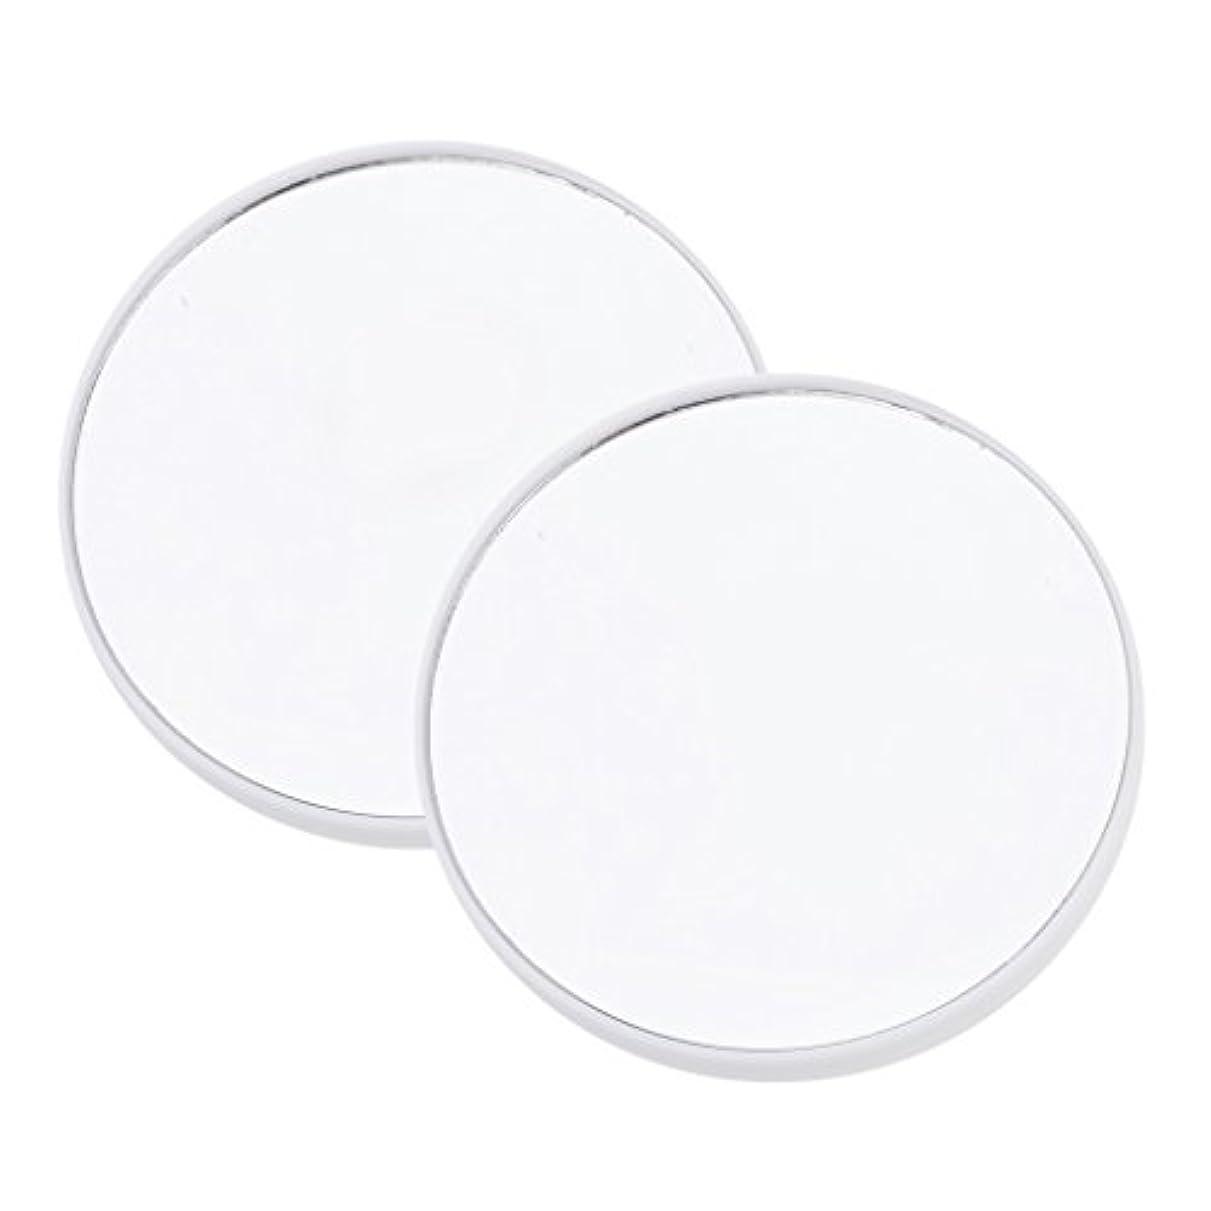 接地瀬戸際信号Blesiya 2個入 拡大鏡 メイクアップミラー 吸引カップ サクションカップ 化粧ミラー メイクアップ 3タイプ選べる - 15倍